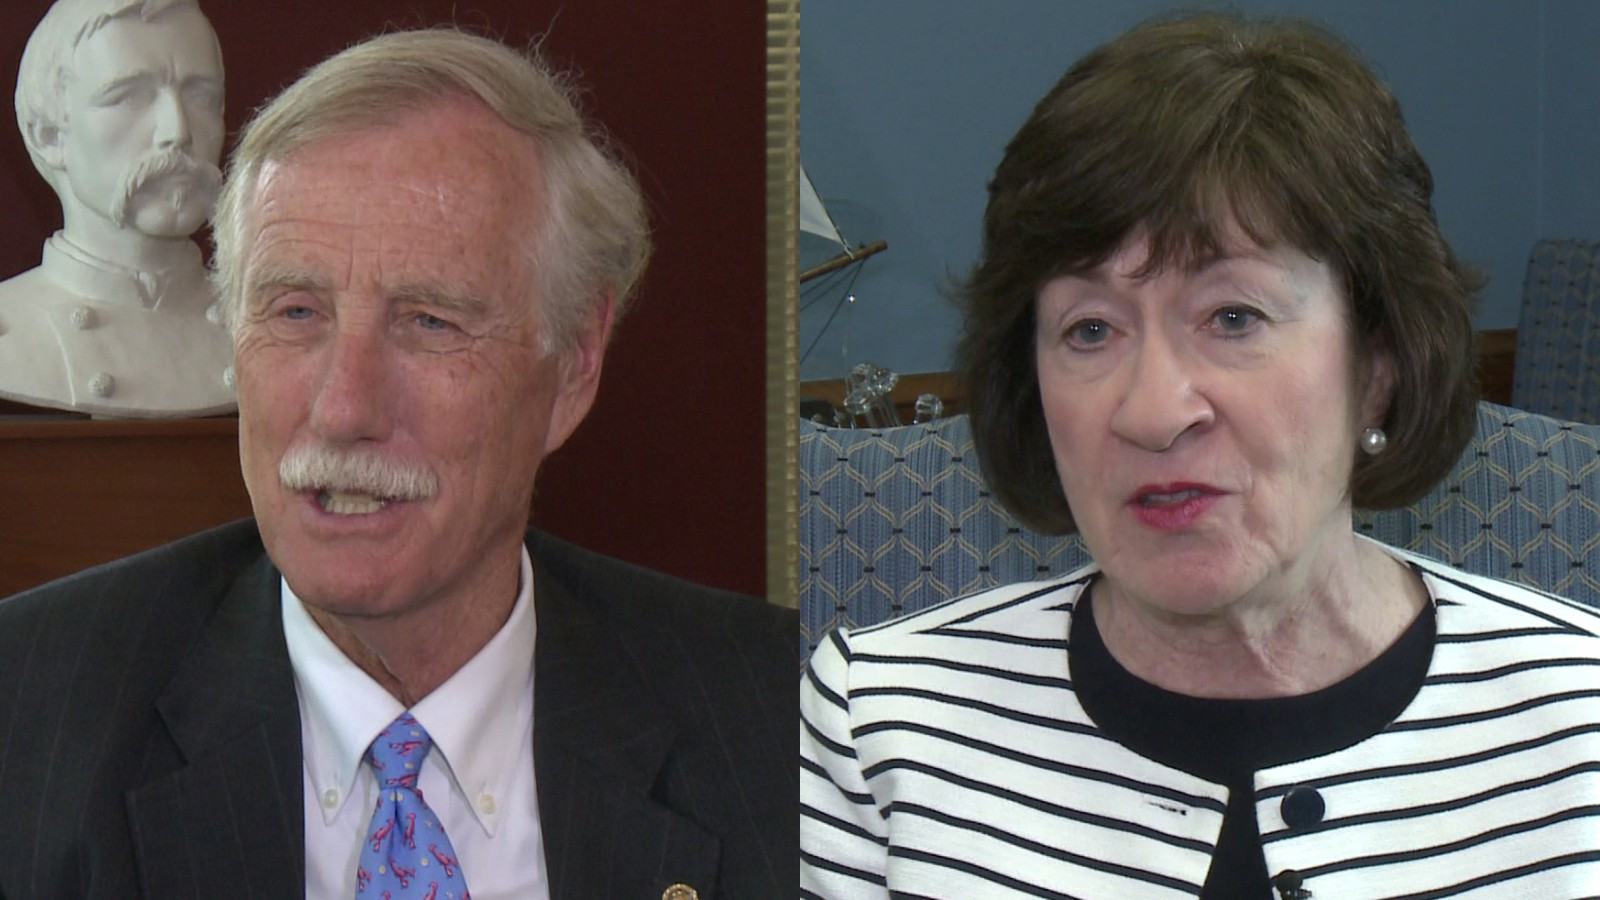 Maine senators in the thick of Russia probe | WCSH6.com